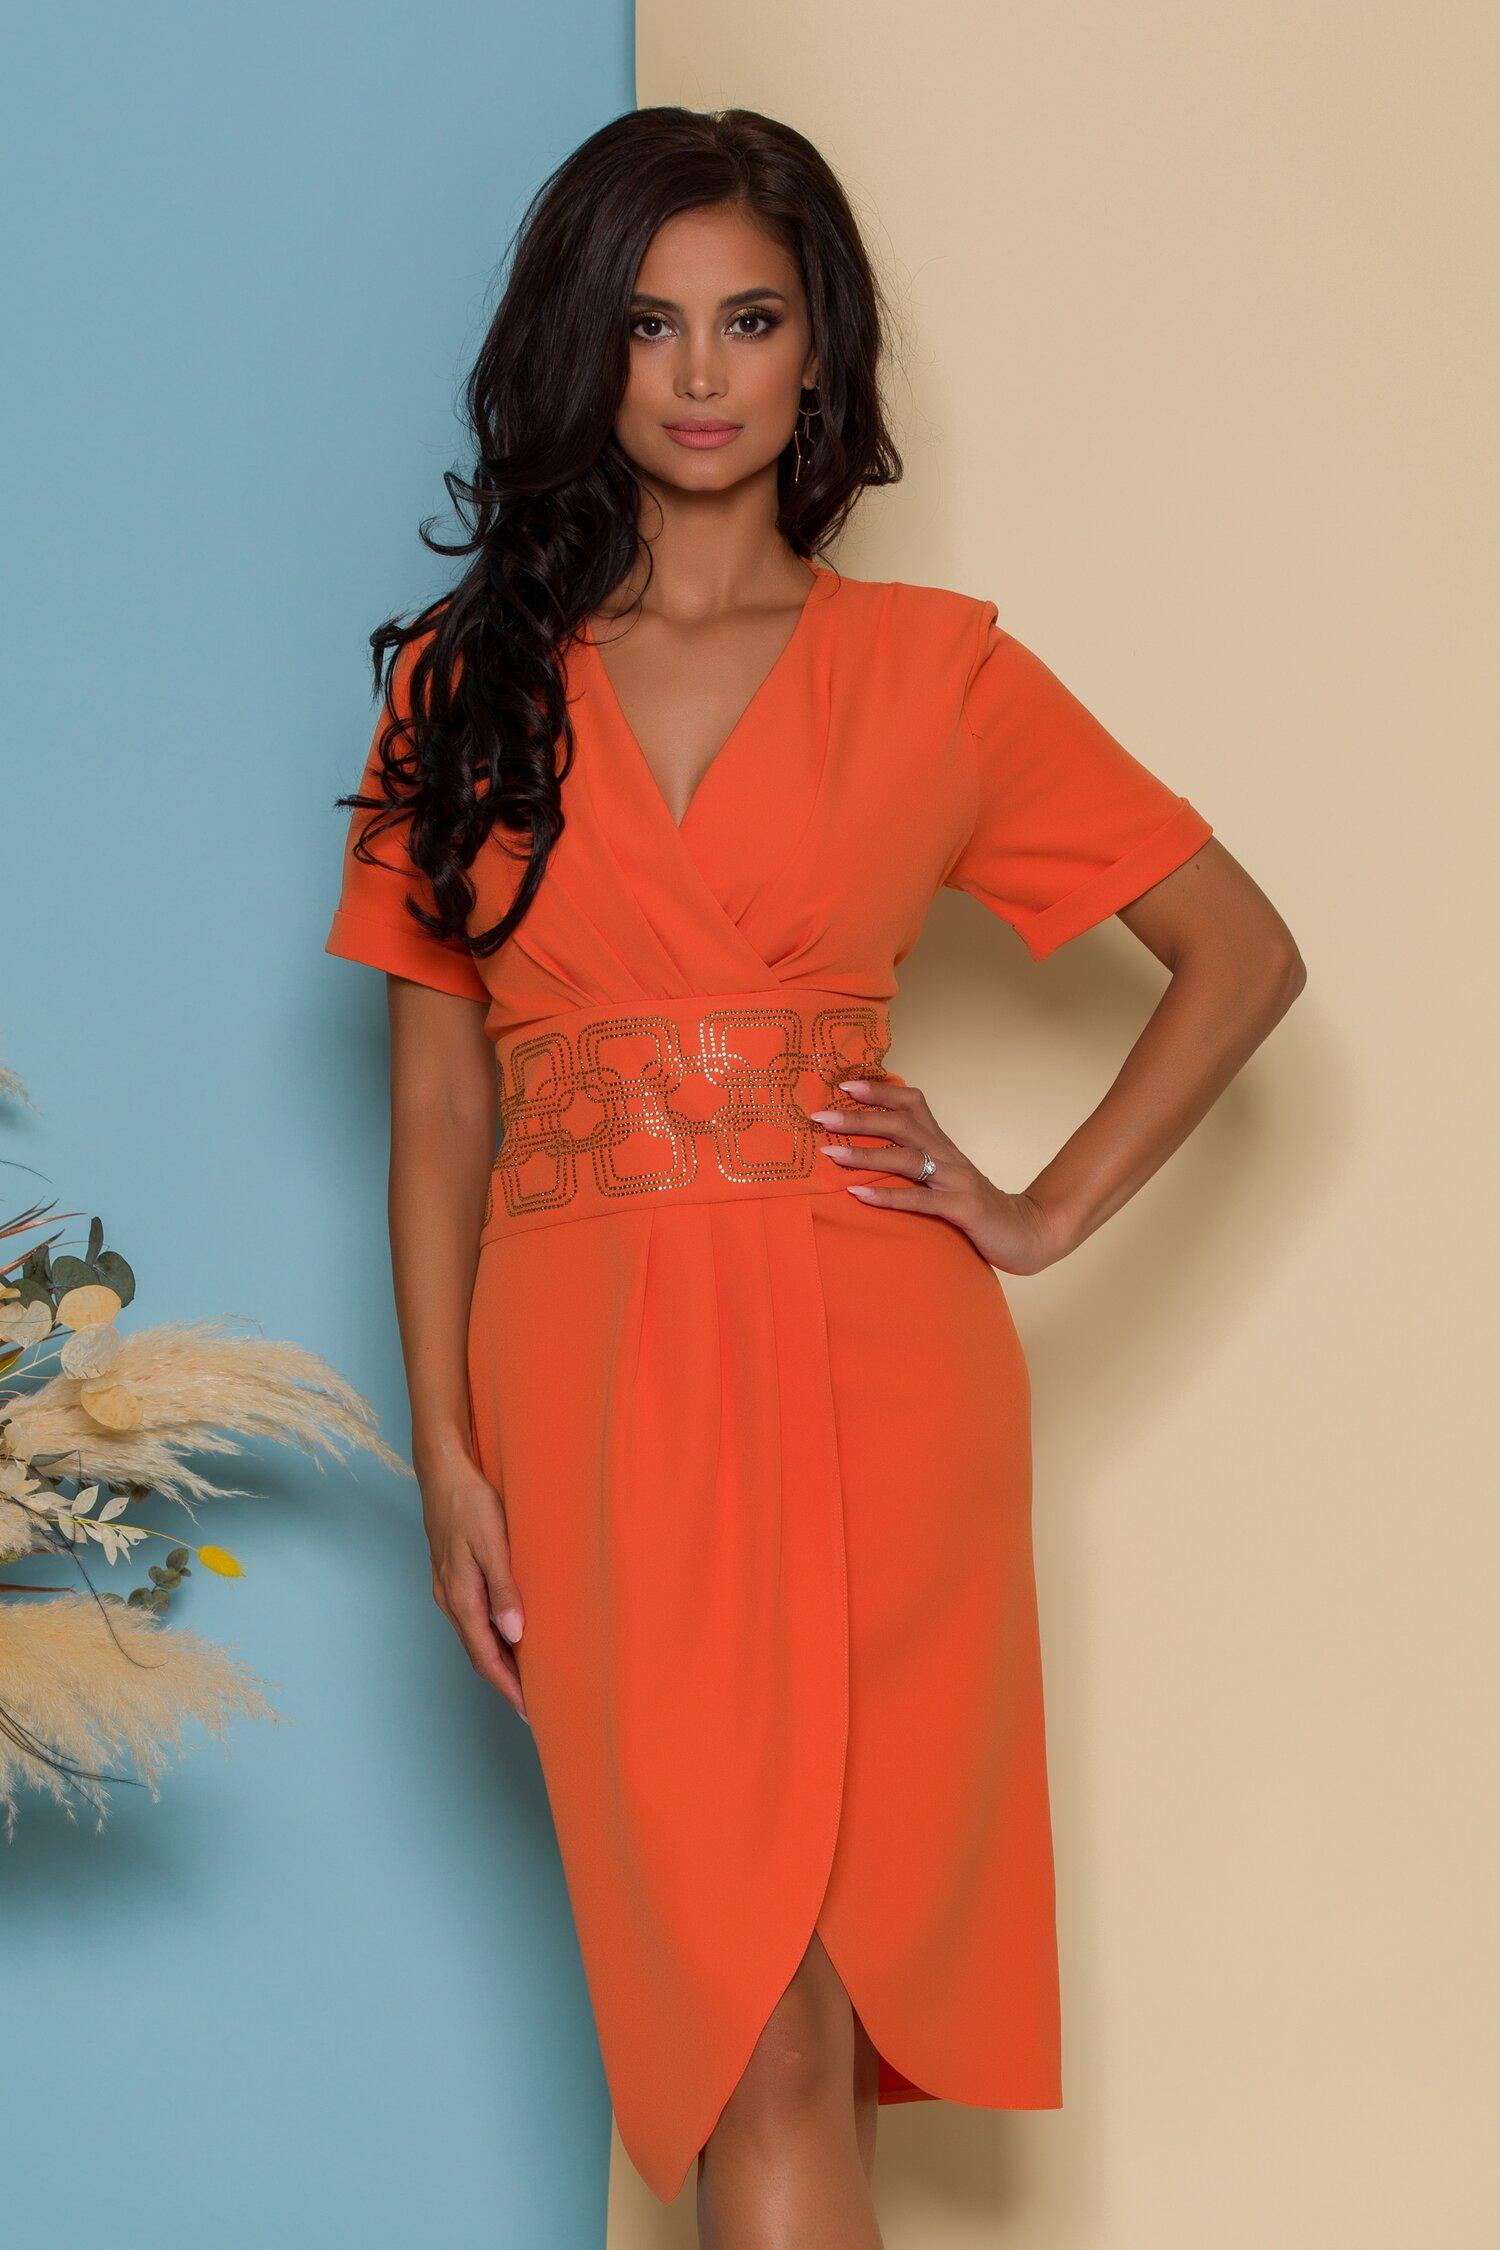 Rochie Alina orange cu design petrecut si talie accesorizata cu strasuri